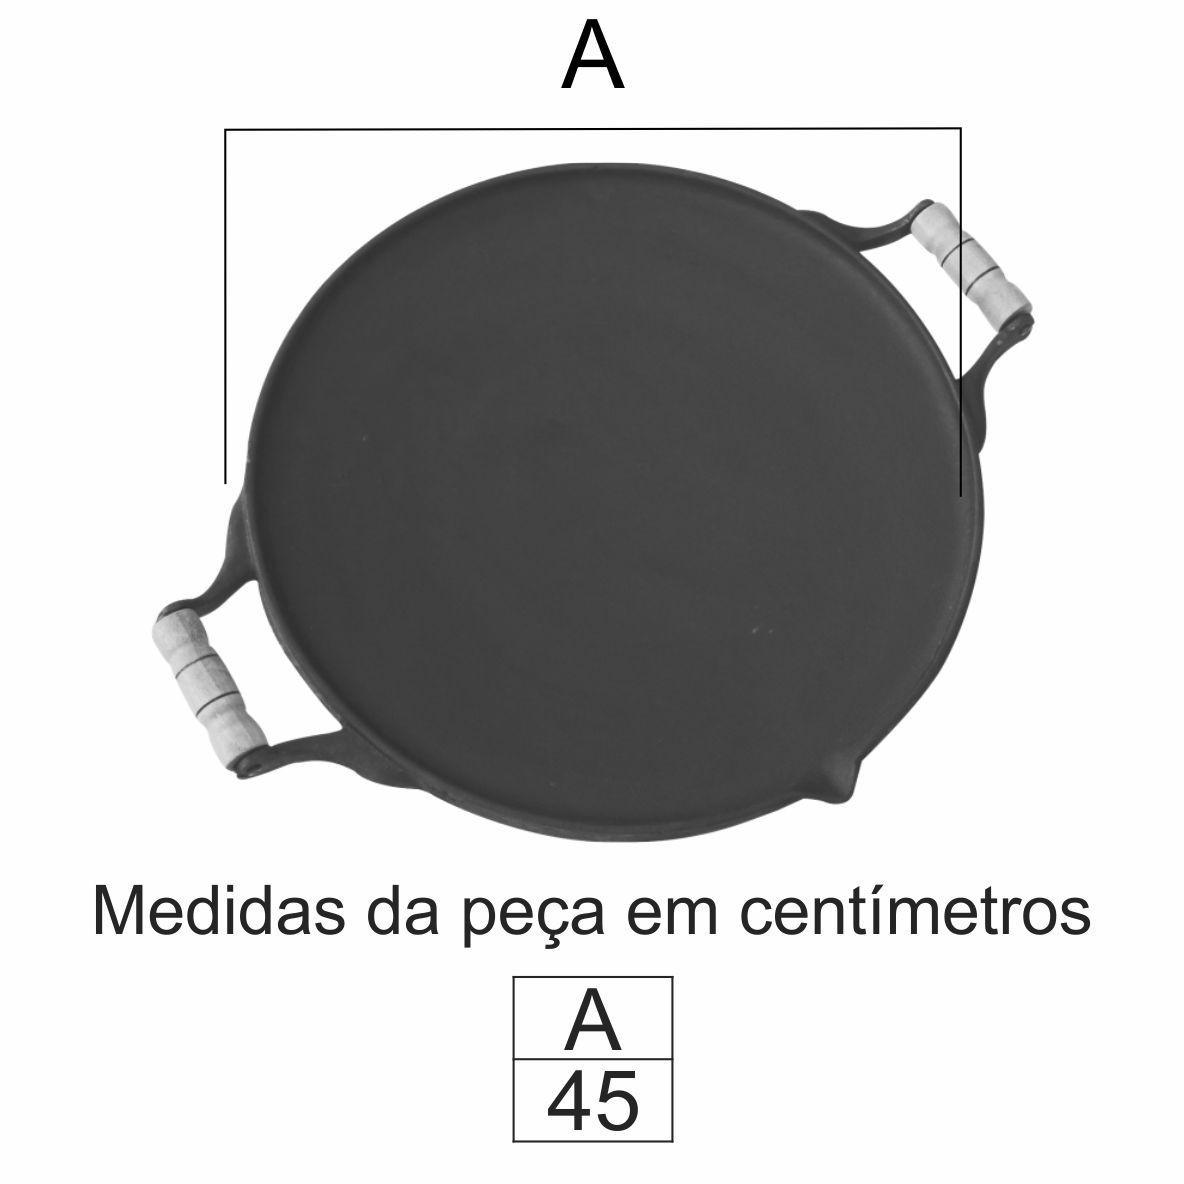 Chapa Picanheira 45Cm Em Ff - FUNDIÇÃO VESUVIO